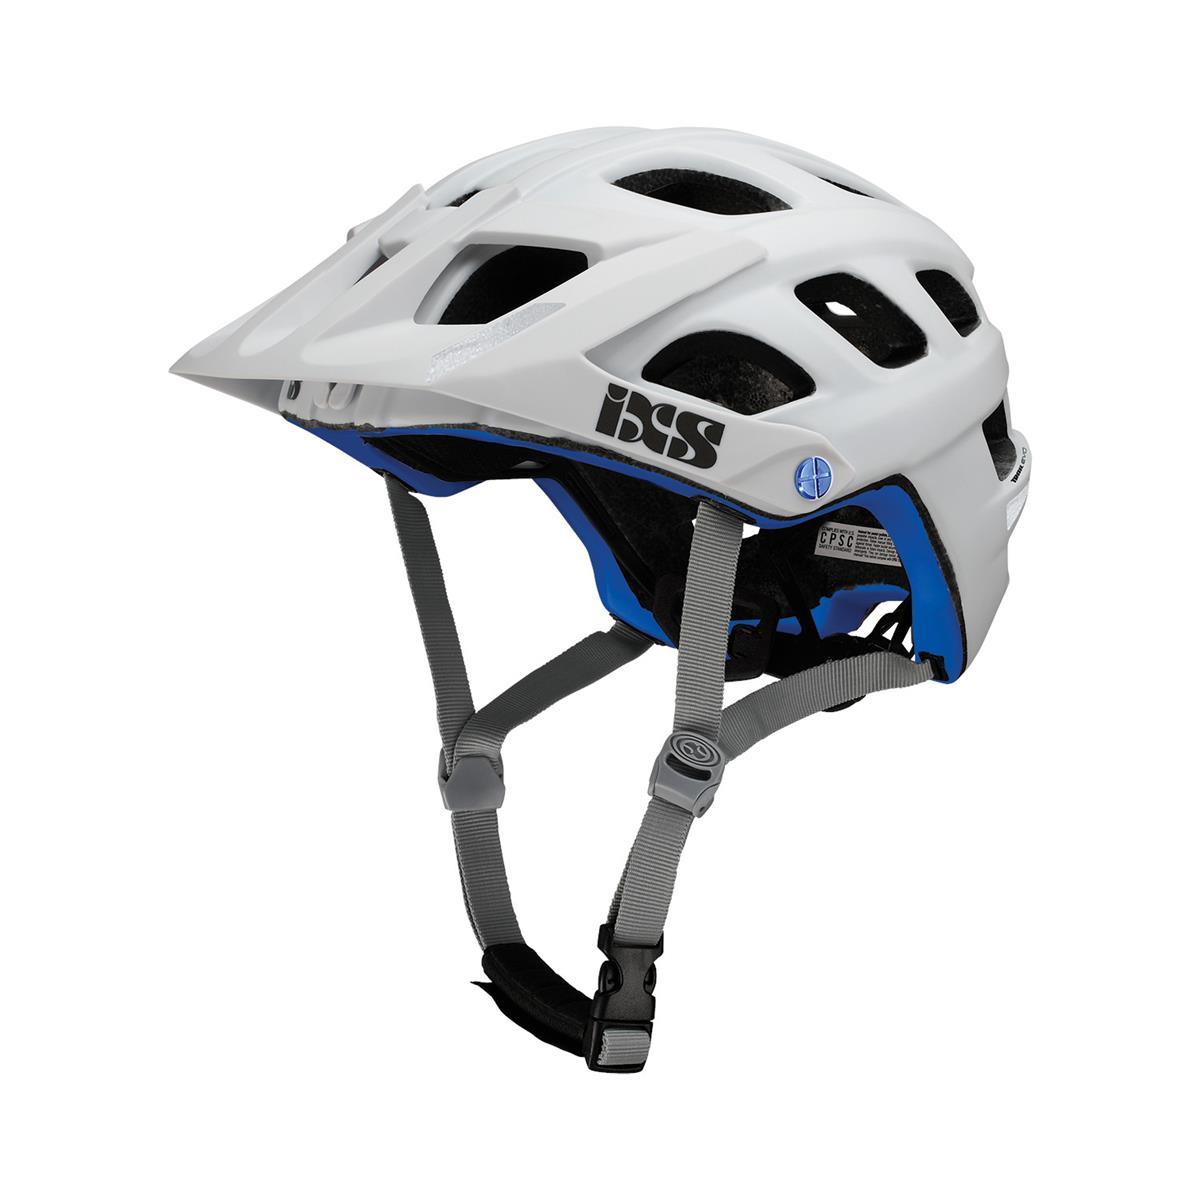 Casco Enduro Trail Evo E-Bike Edition Bianco Taglia XS/S (49-54cm)